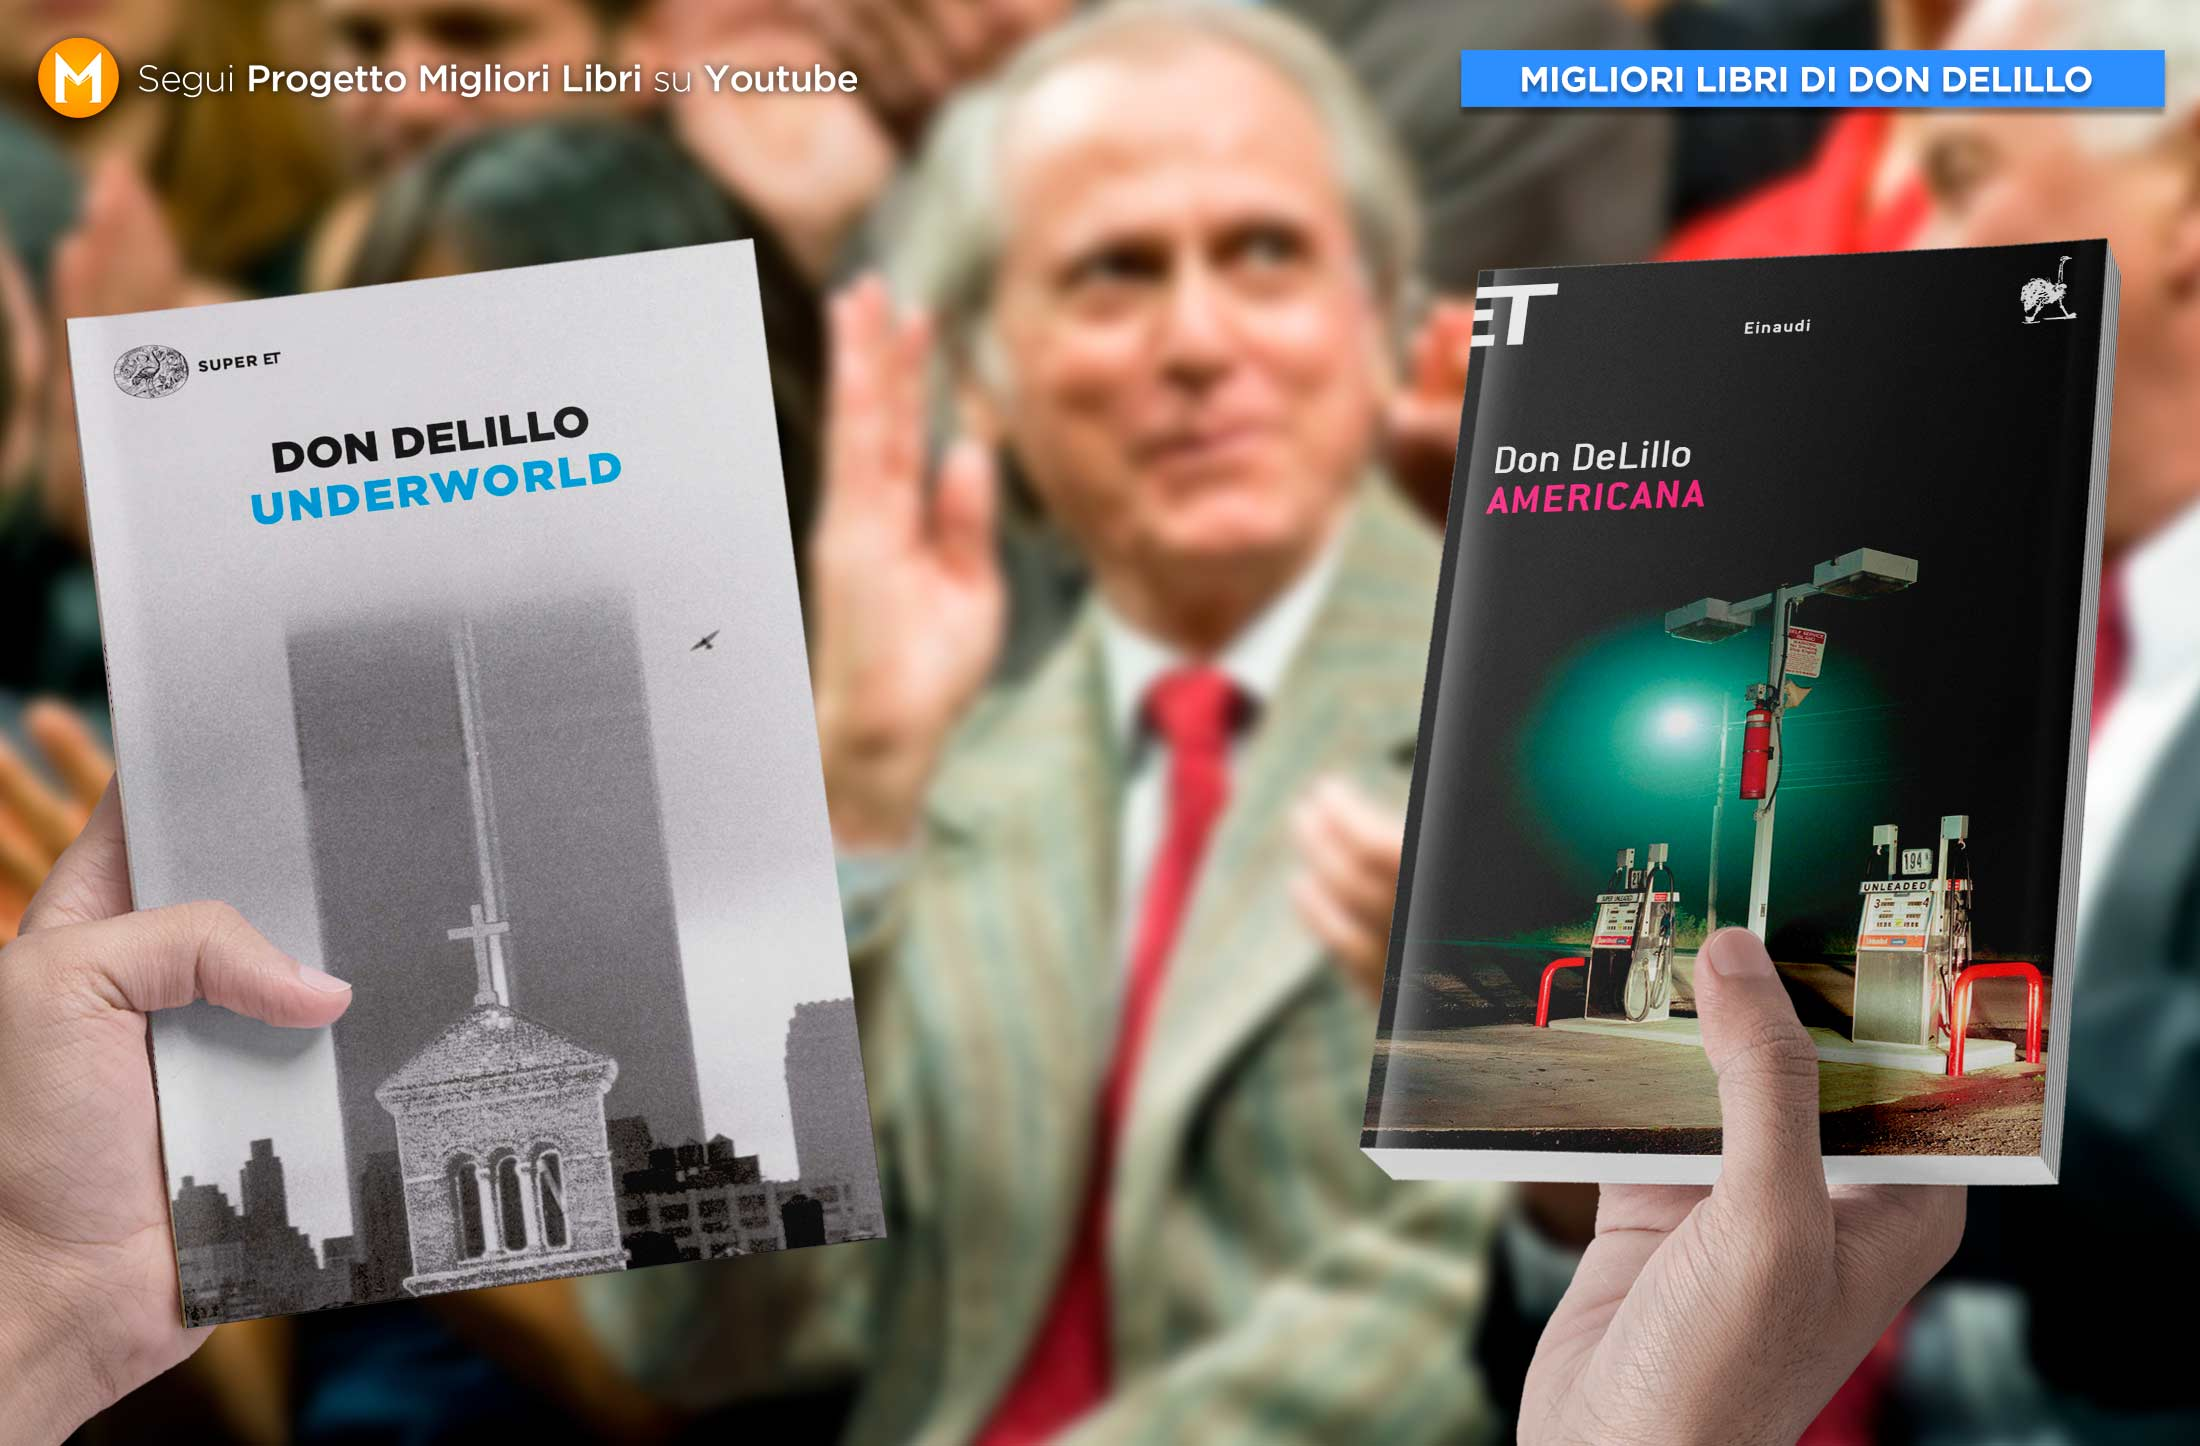 migliori-libri-di-don-delillo